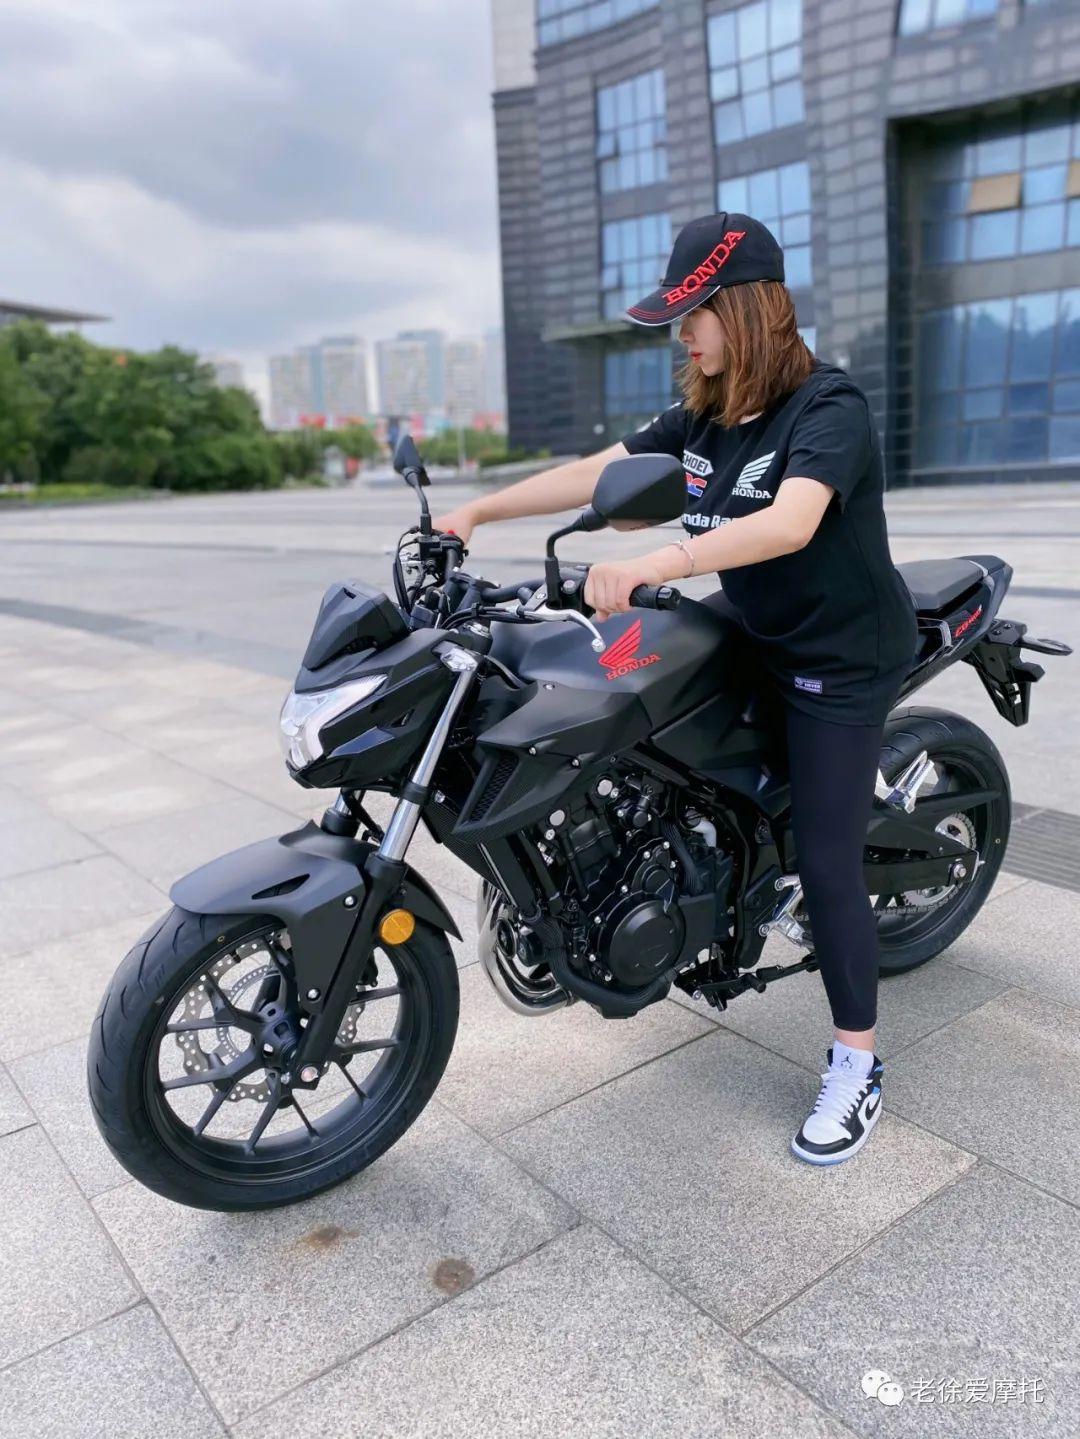 本田中排车型 - CB400F 入门级街车 实车介绍!-第8张图片-春风行摩托车之家